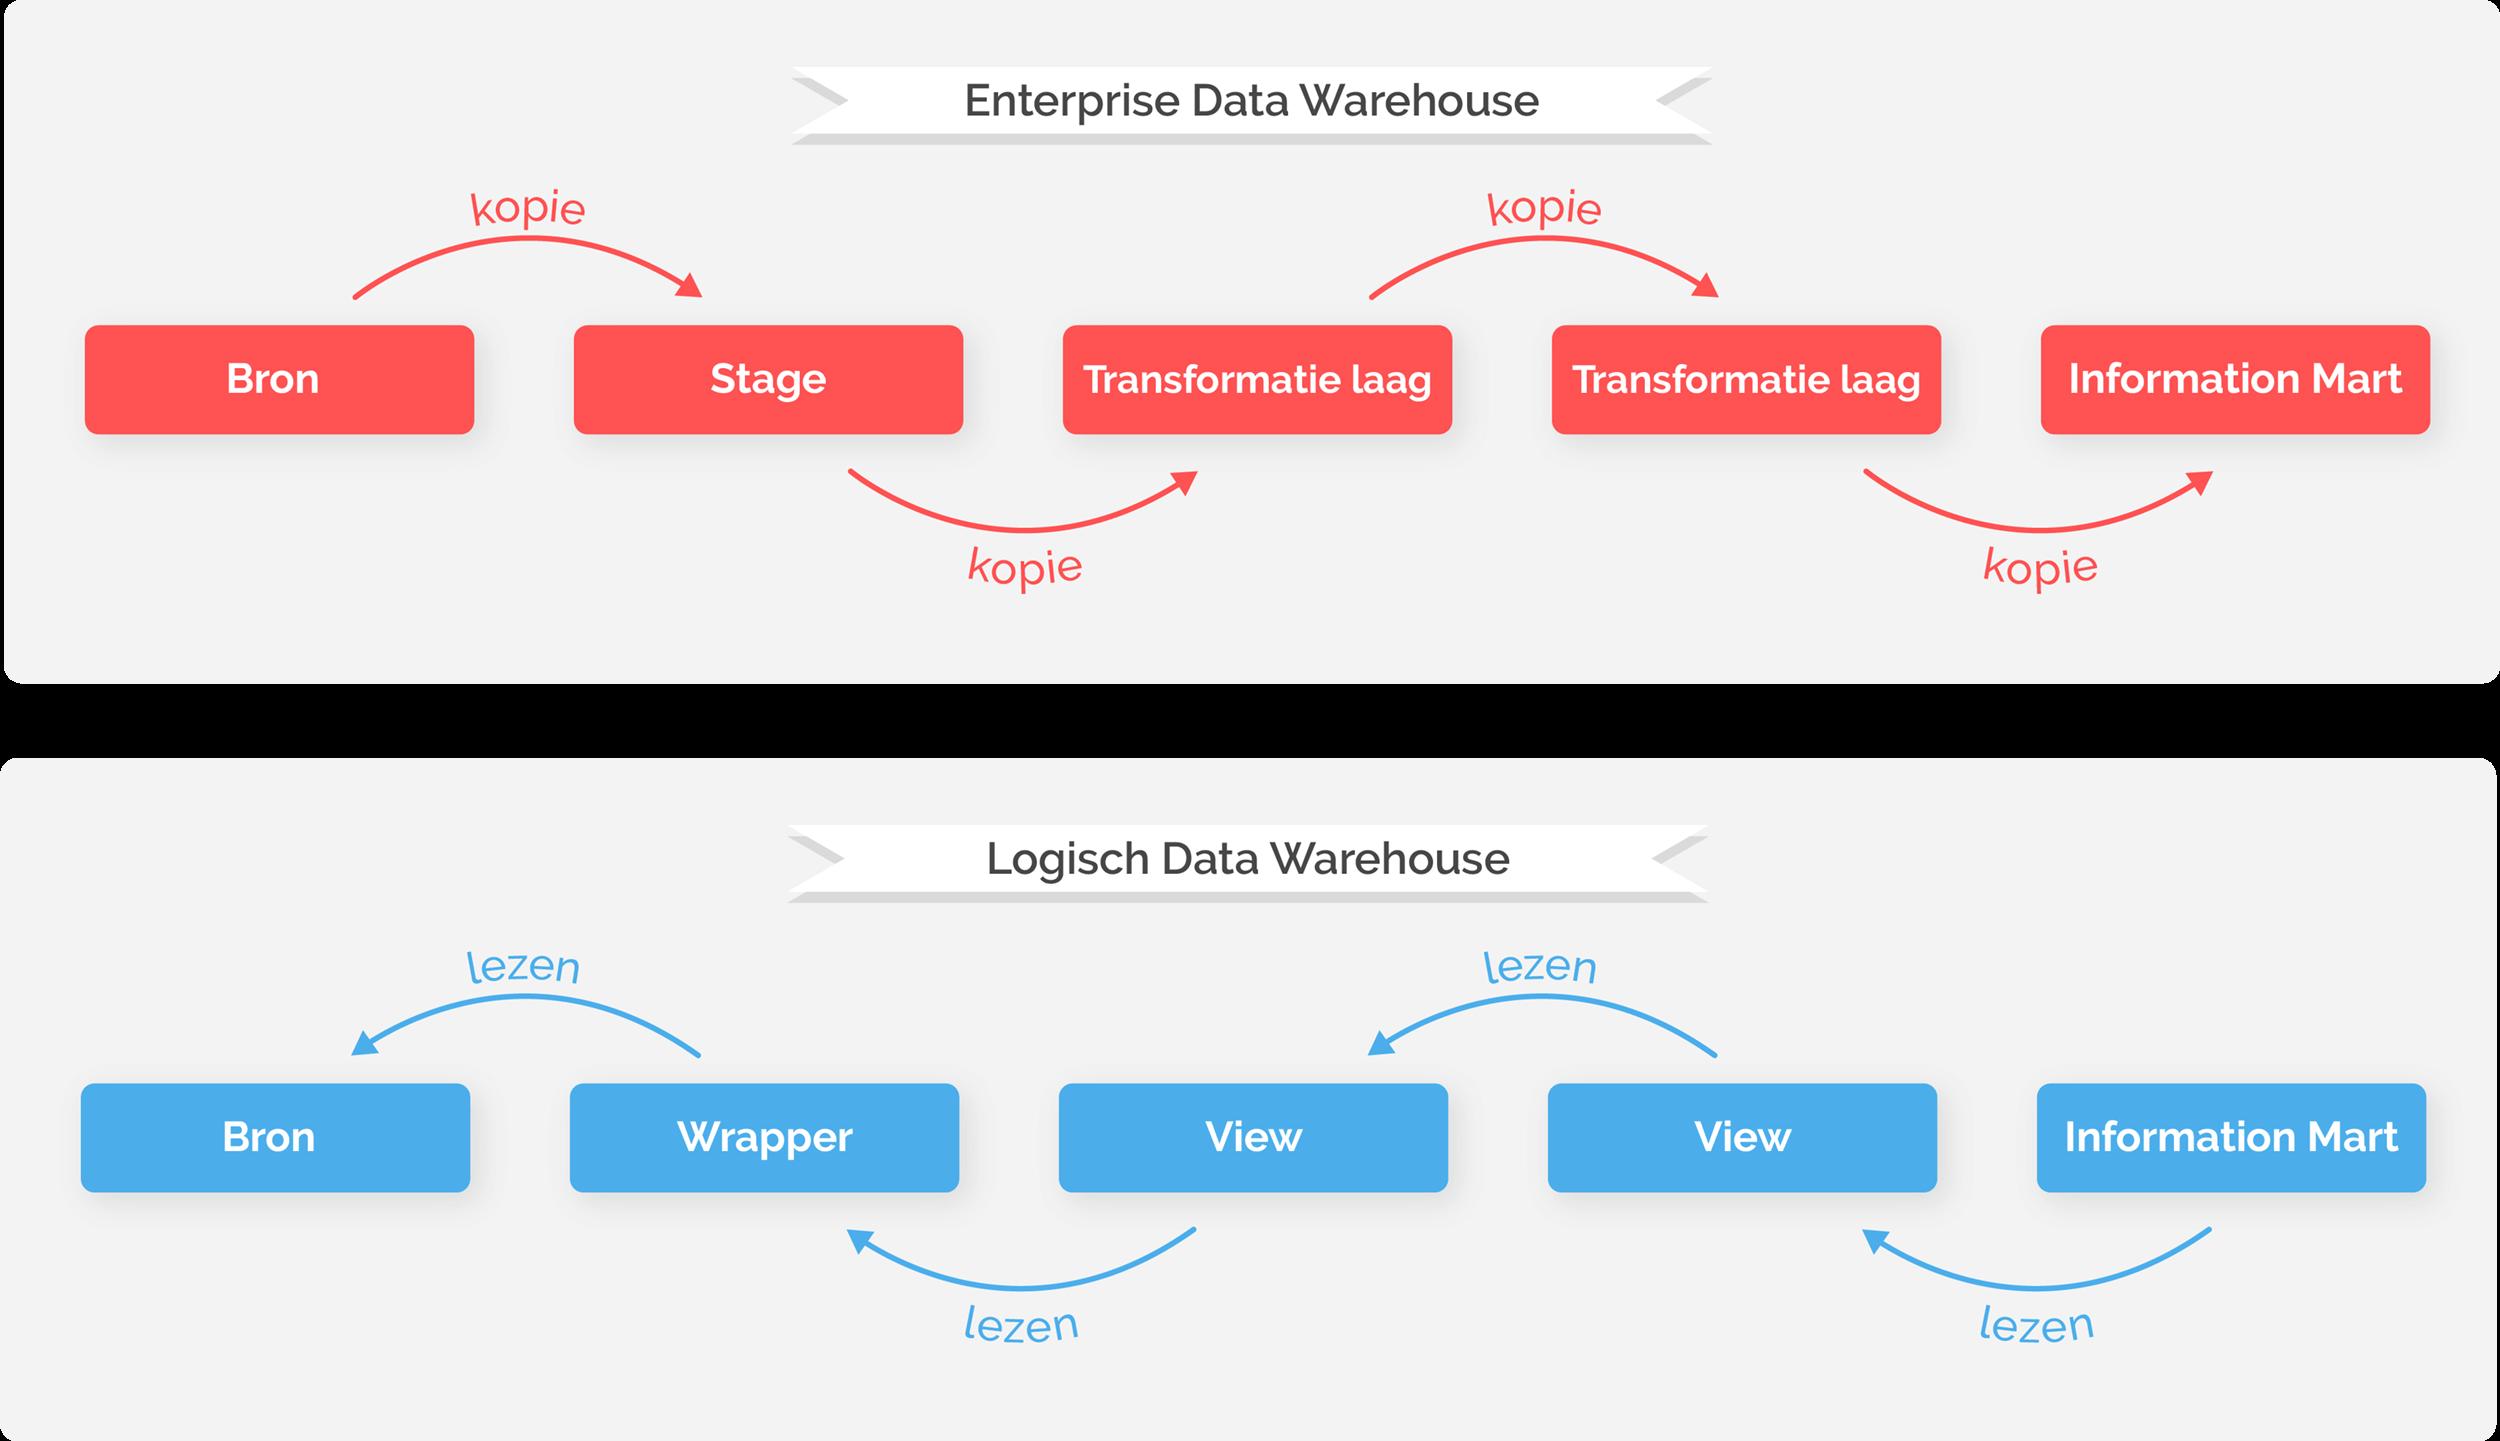 Het verschil tussen een Enterprise Data Warehouse en een Logisch Data Warehouse